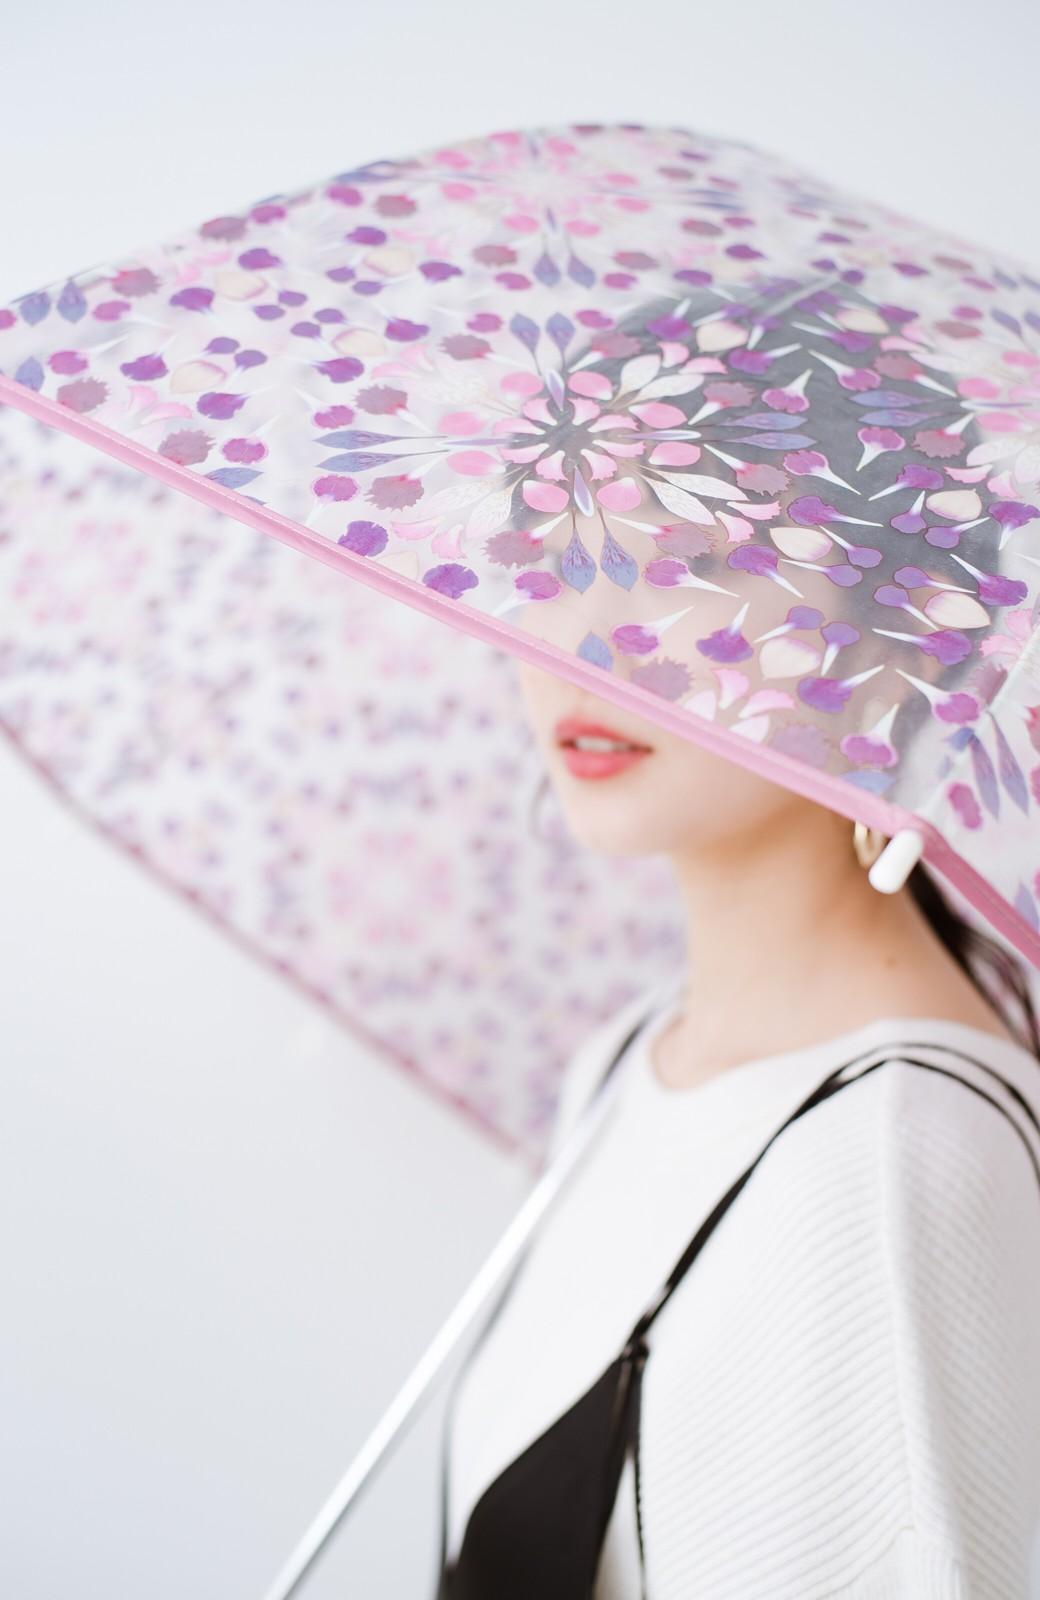 haco! Wpc.×plantica ドーム型がかわいい プラスティックアンブレラ フラワー <ピンク>の商品写真2